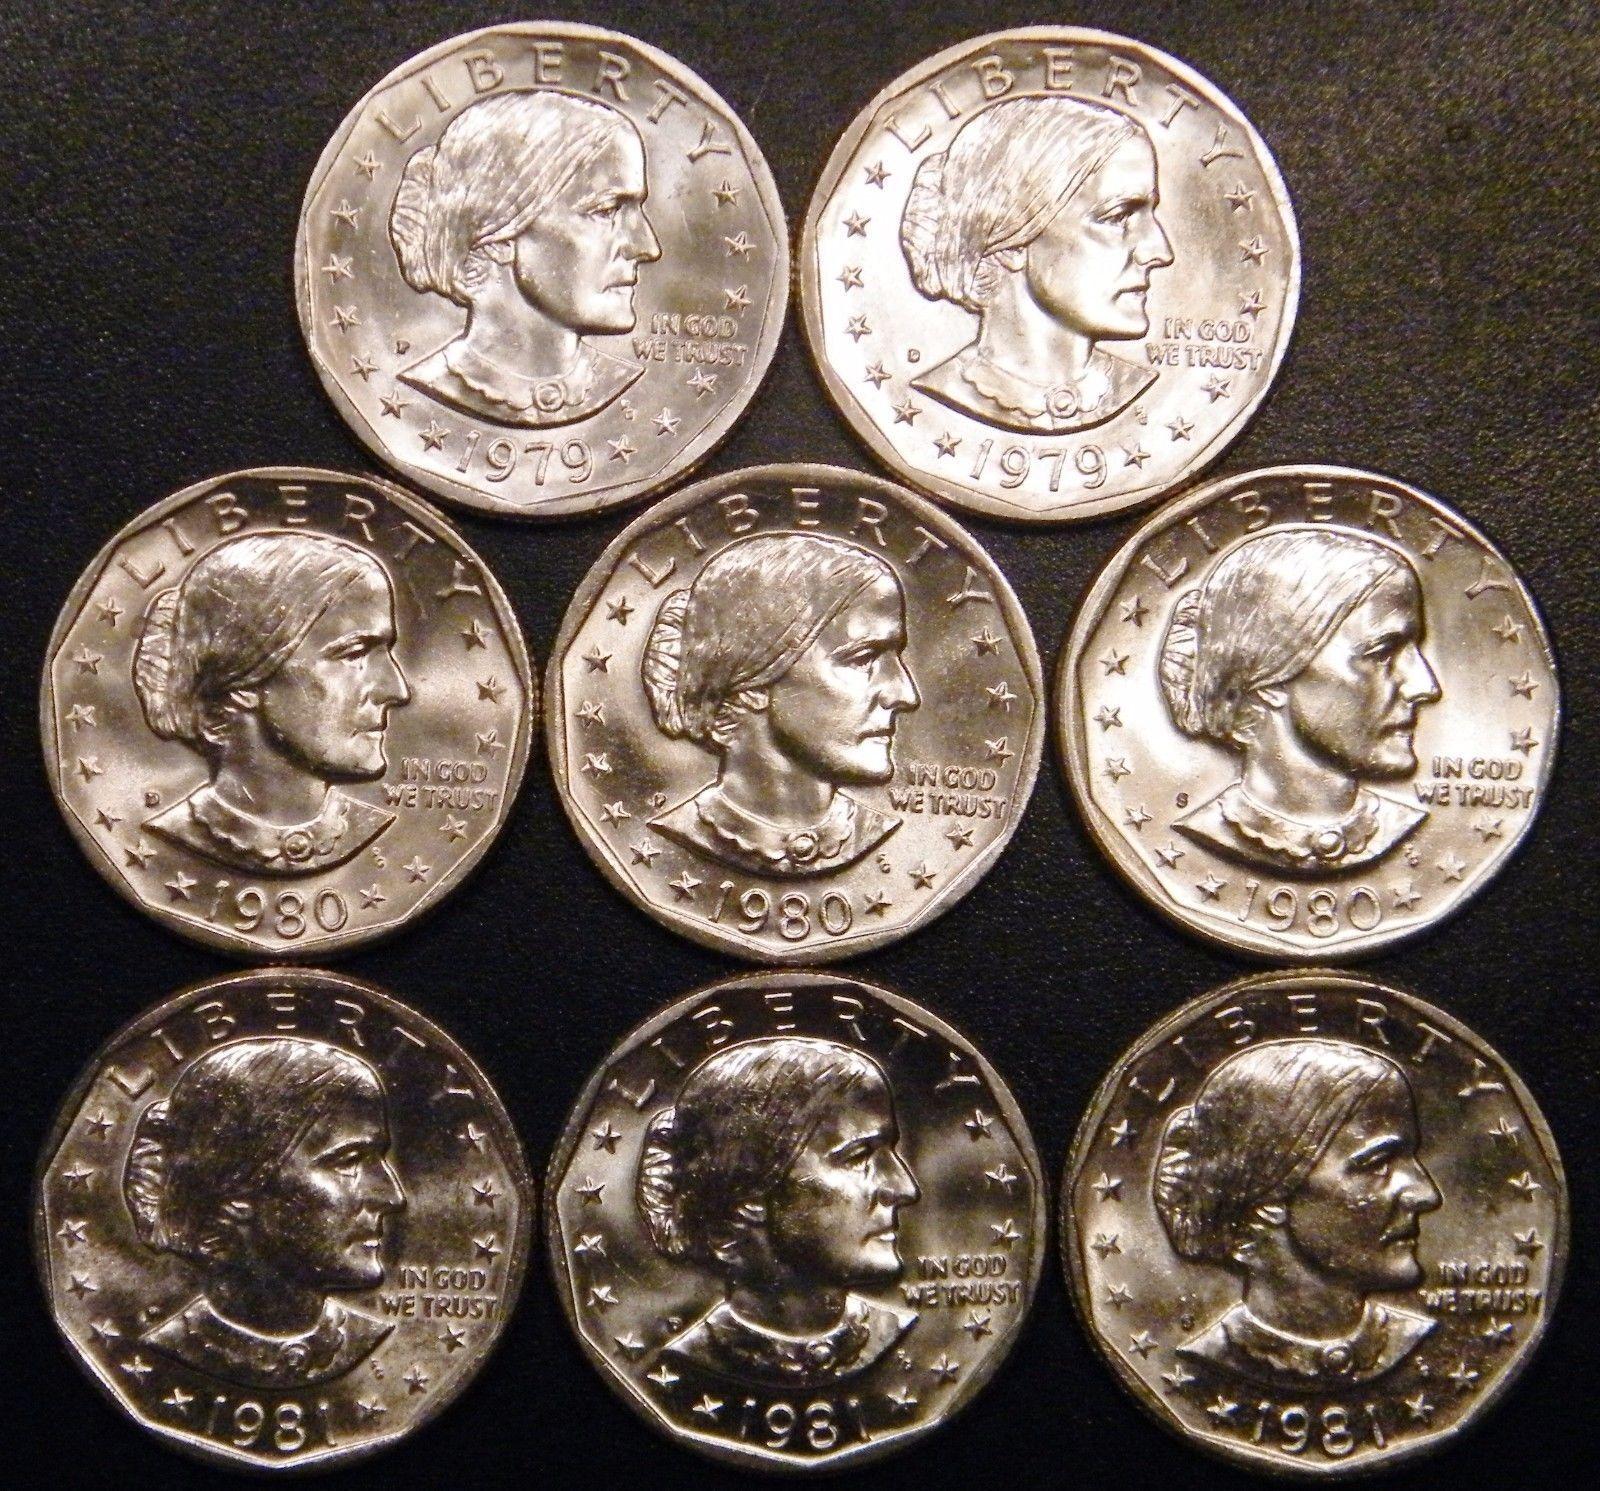 1979 1980 Susan B Anthony Dollars Souvenir 6 Coin Set P D S Mint Envelope SBA